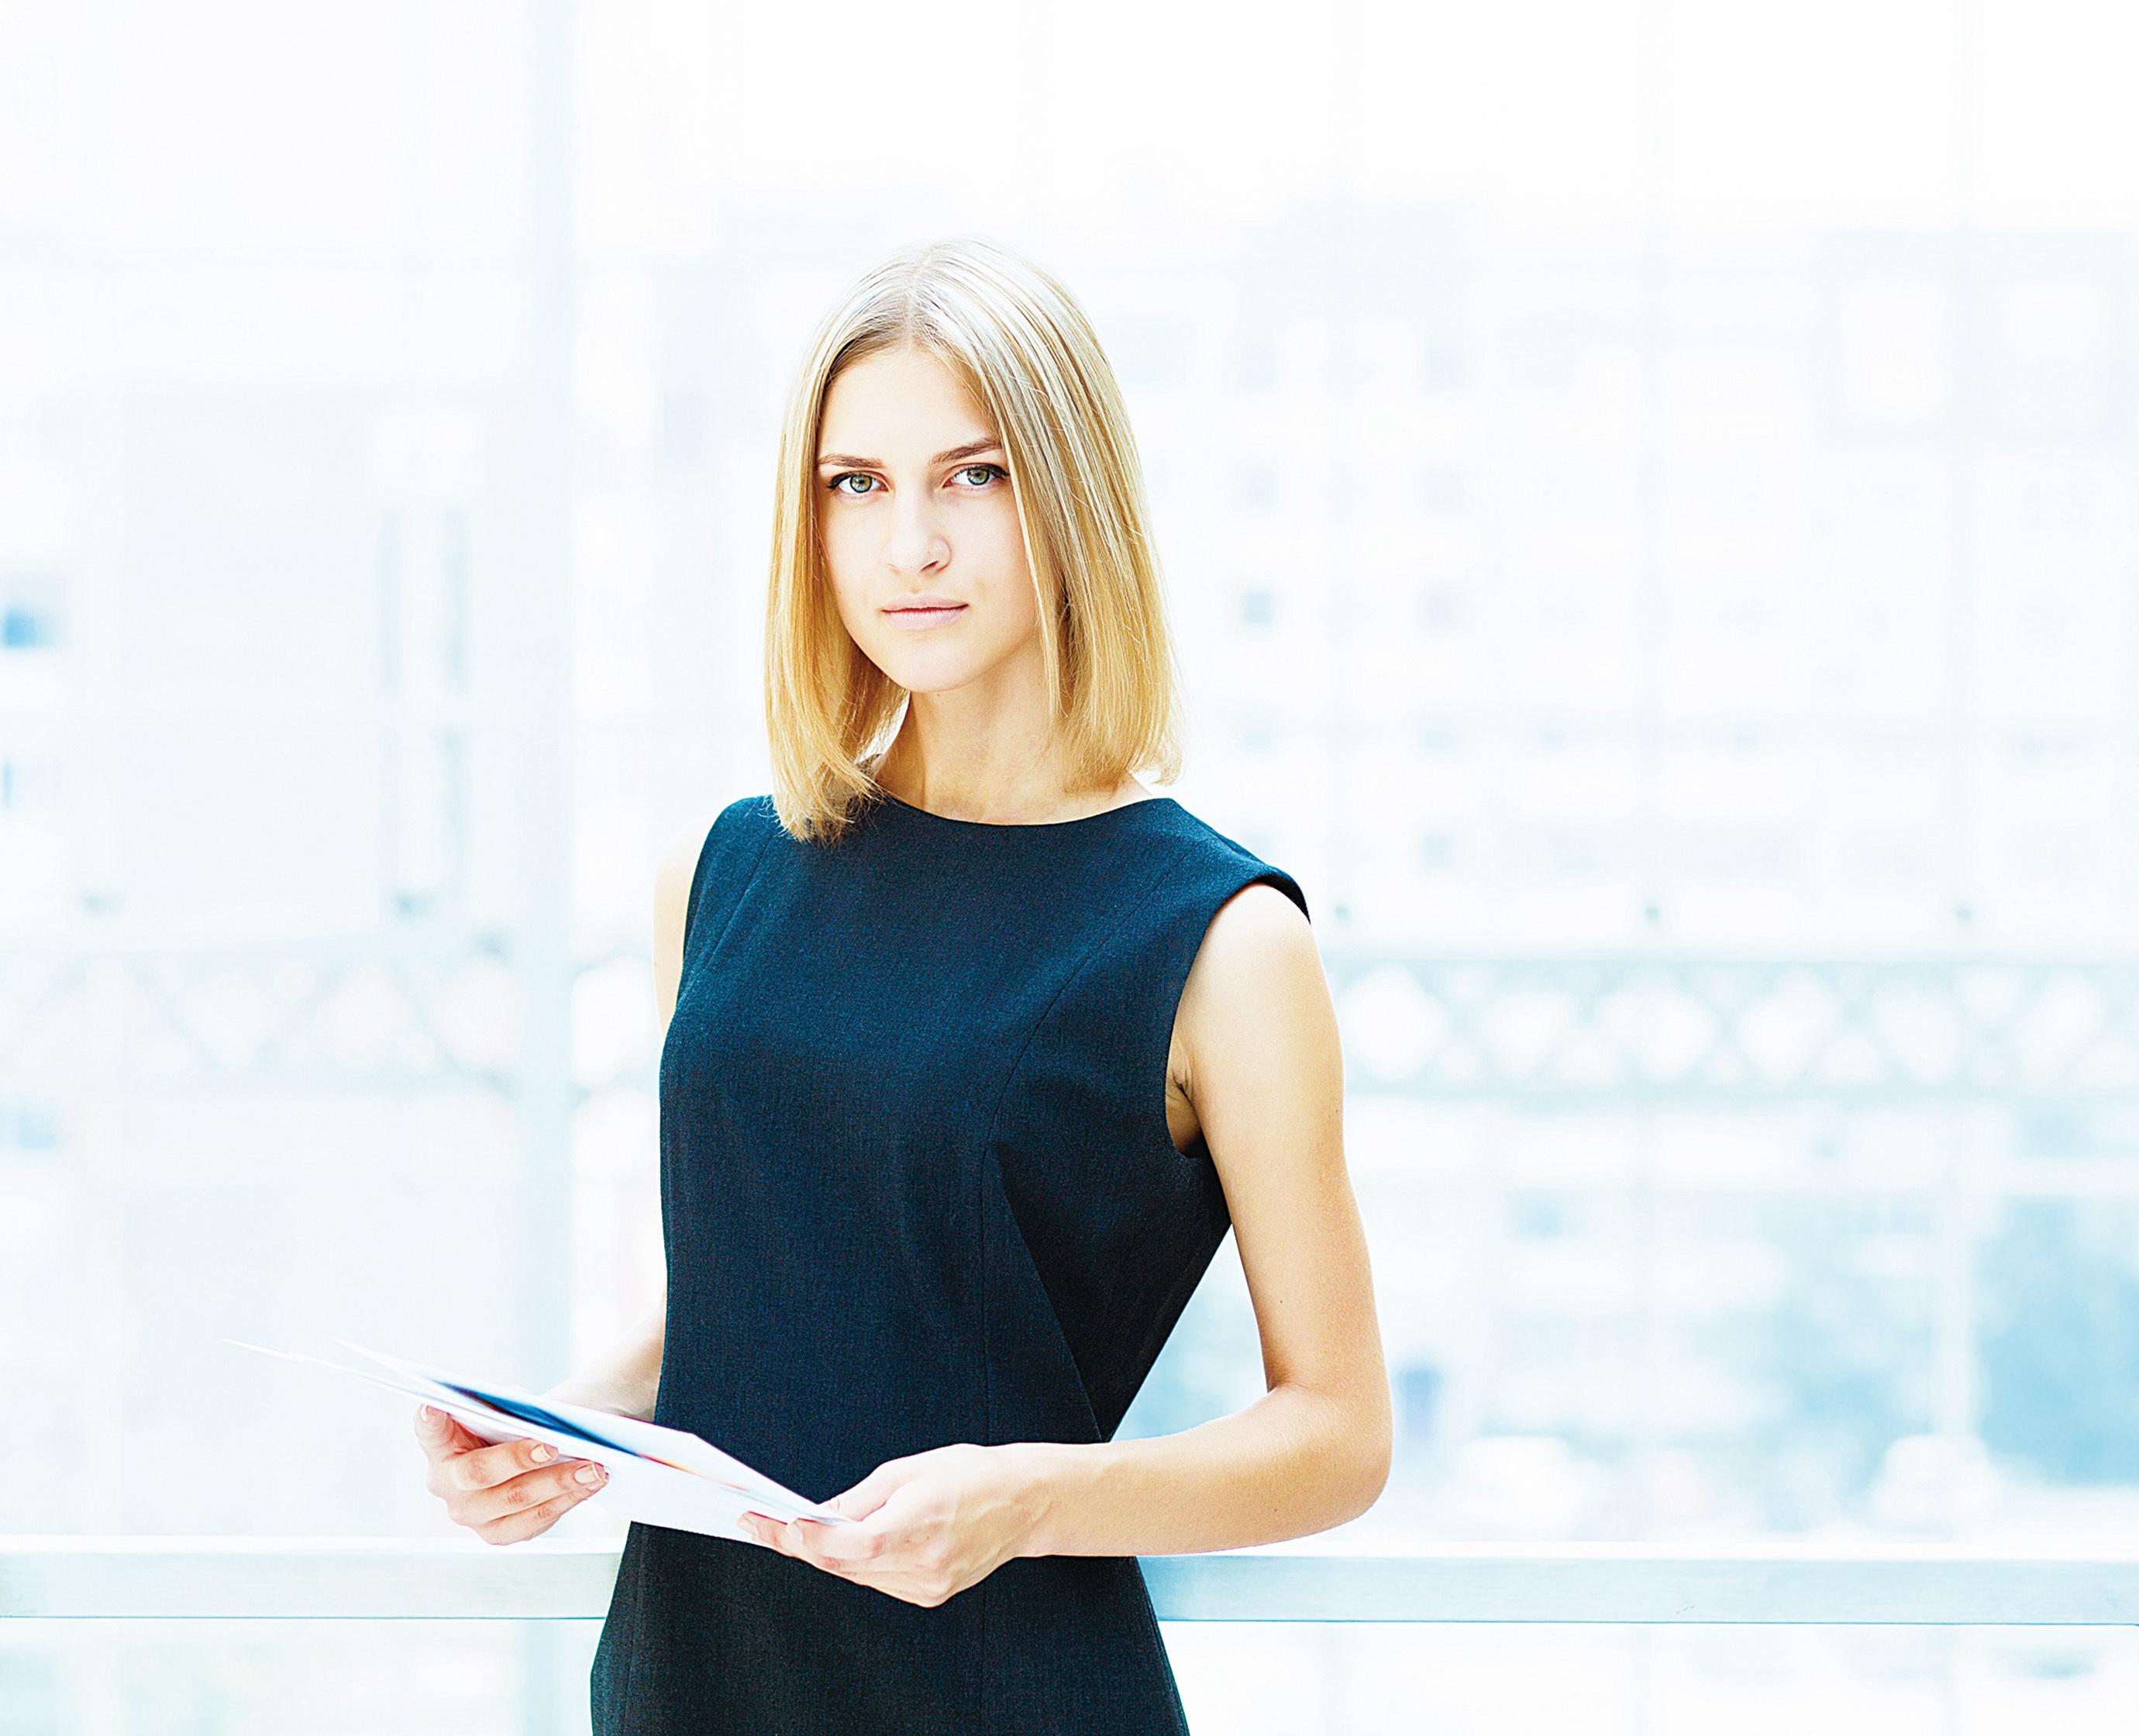 職業女性怎樣穿? 4大守則幫到你